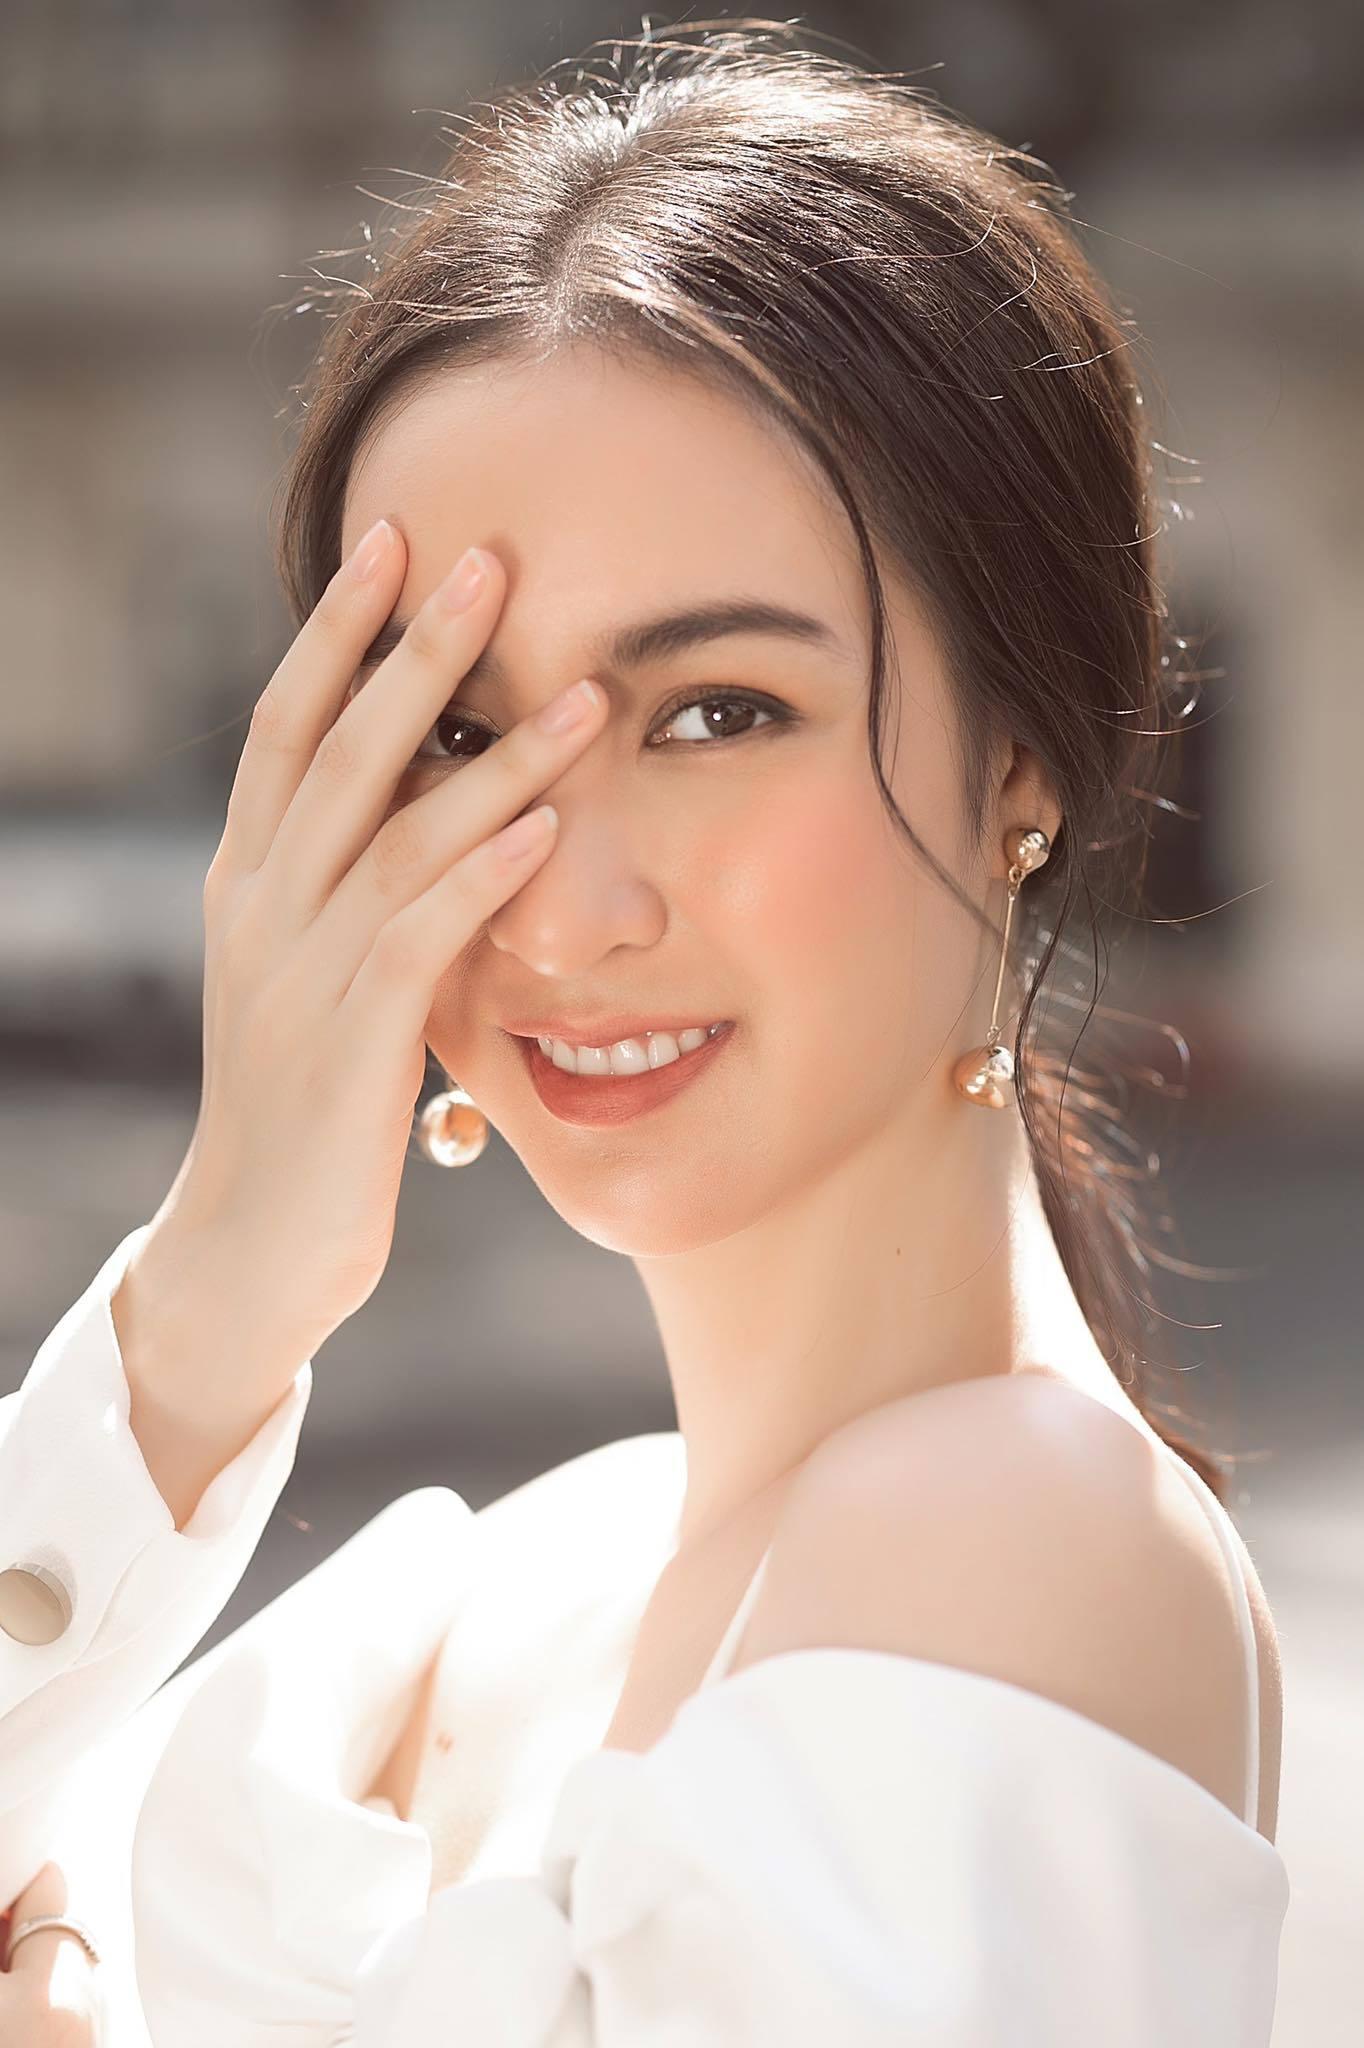 Hoàng Bảo Trâm top 10 Hoa Hậu Việt Nam 2020 giờ ra sao?